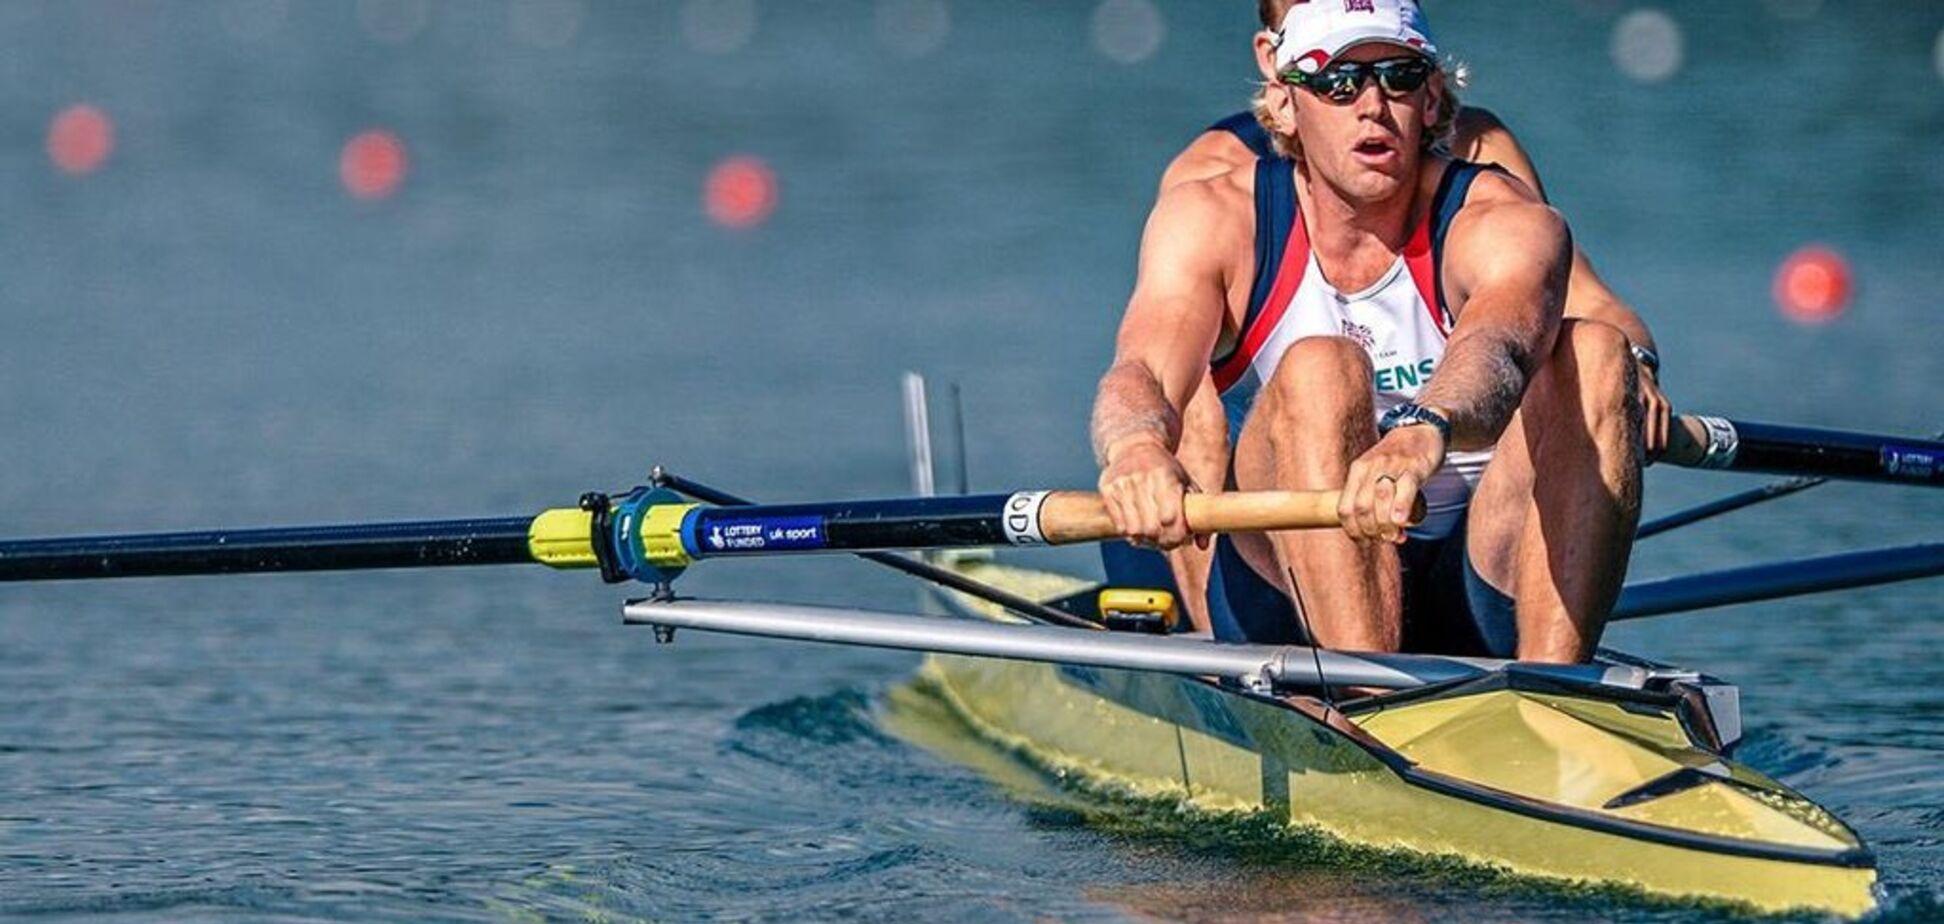 Триразовий олімпійський чемпіон серйозно постраждав від рідкісної недуги